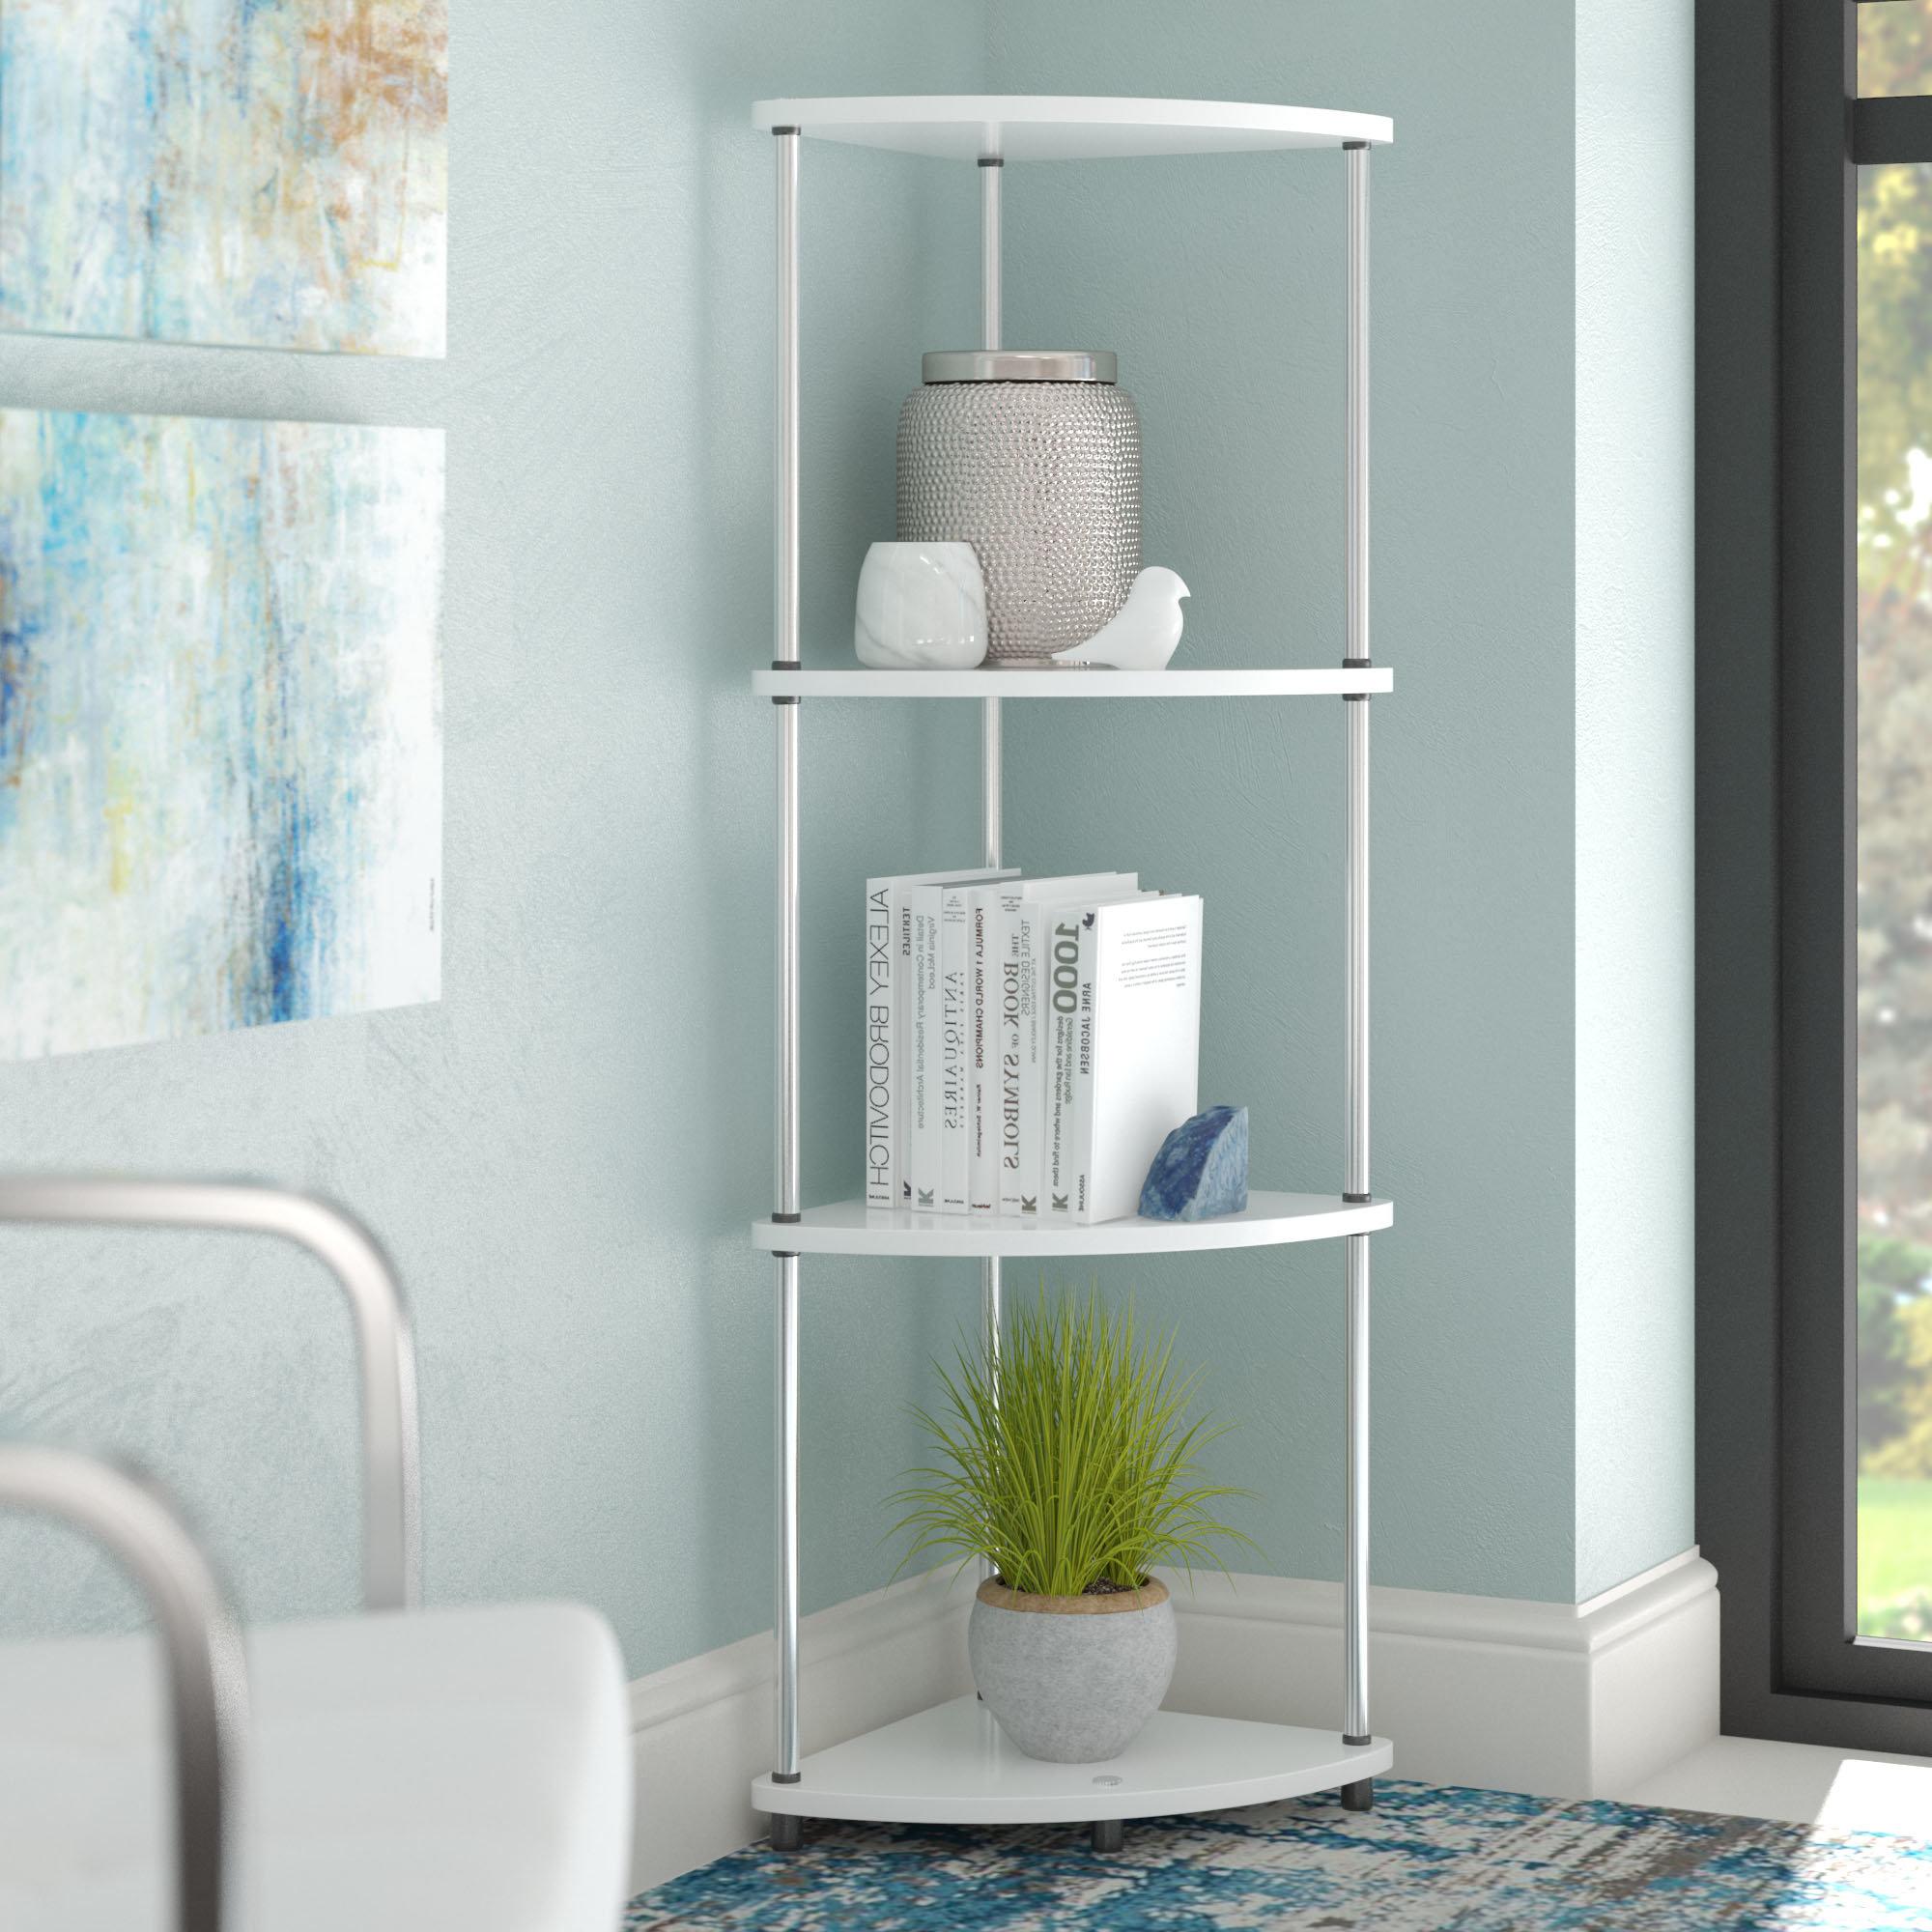 Famous D'aulizio 4 Tier Corner Unit Bookcase Regarding Duerr Corner Unit Bookcases (View 8 of 20)